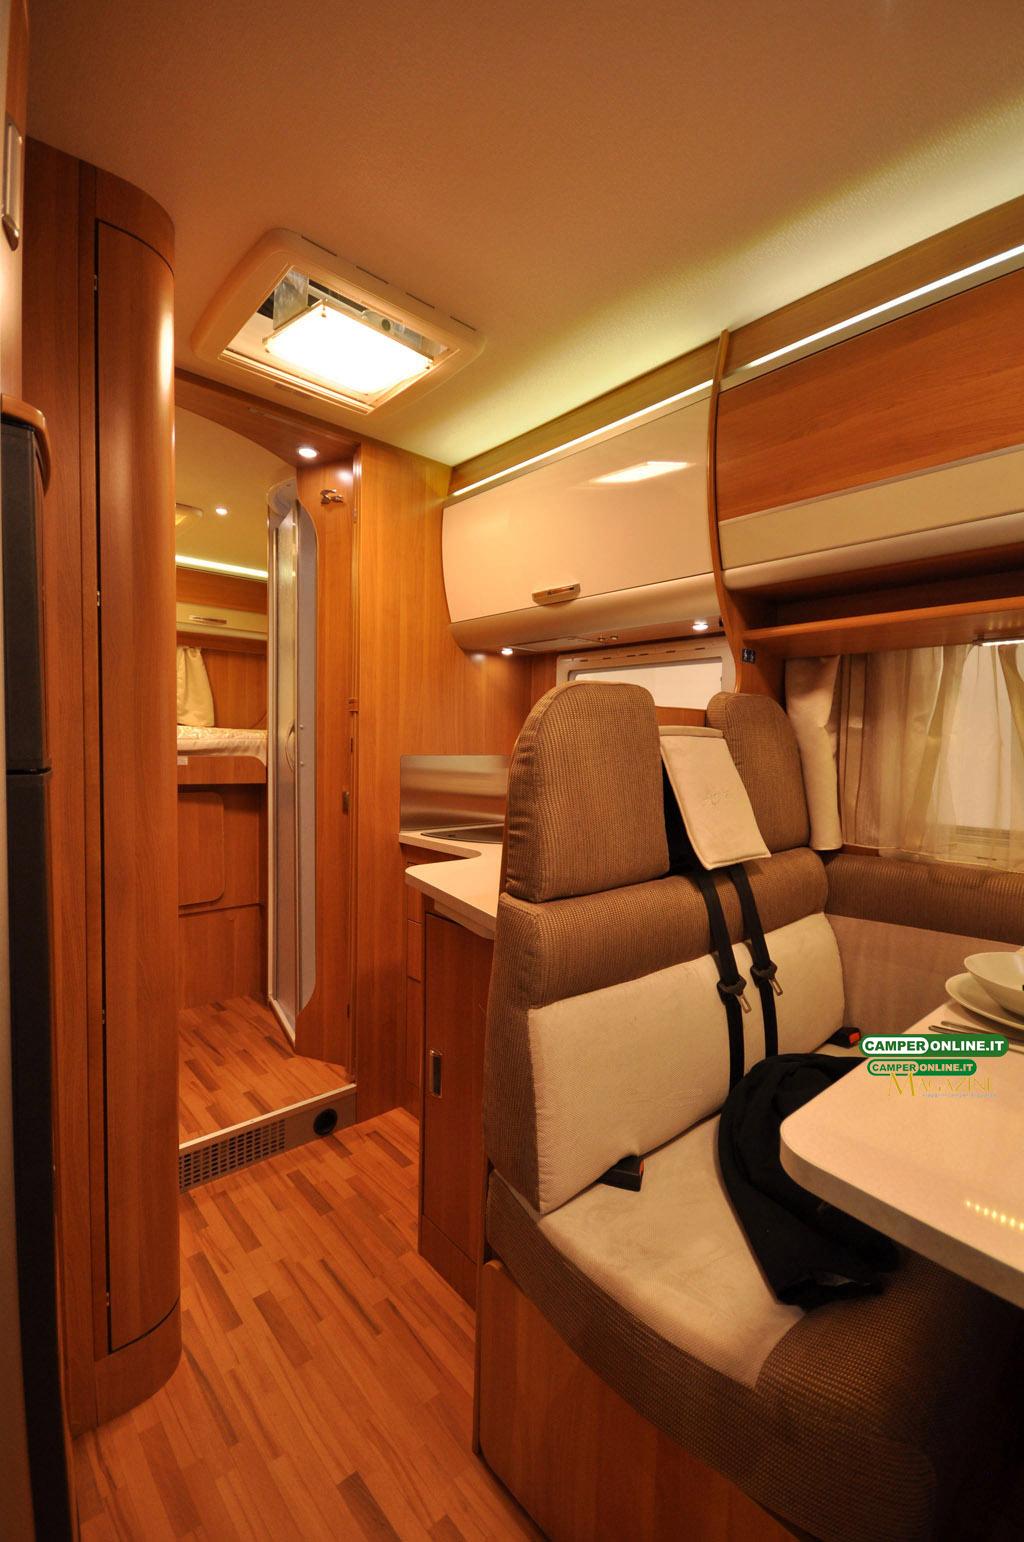 Caravan-Salon-2013-Laika-024